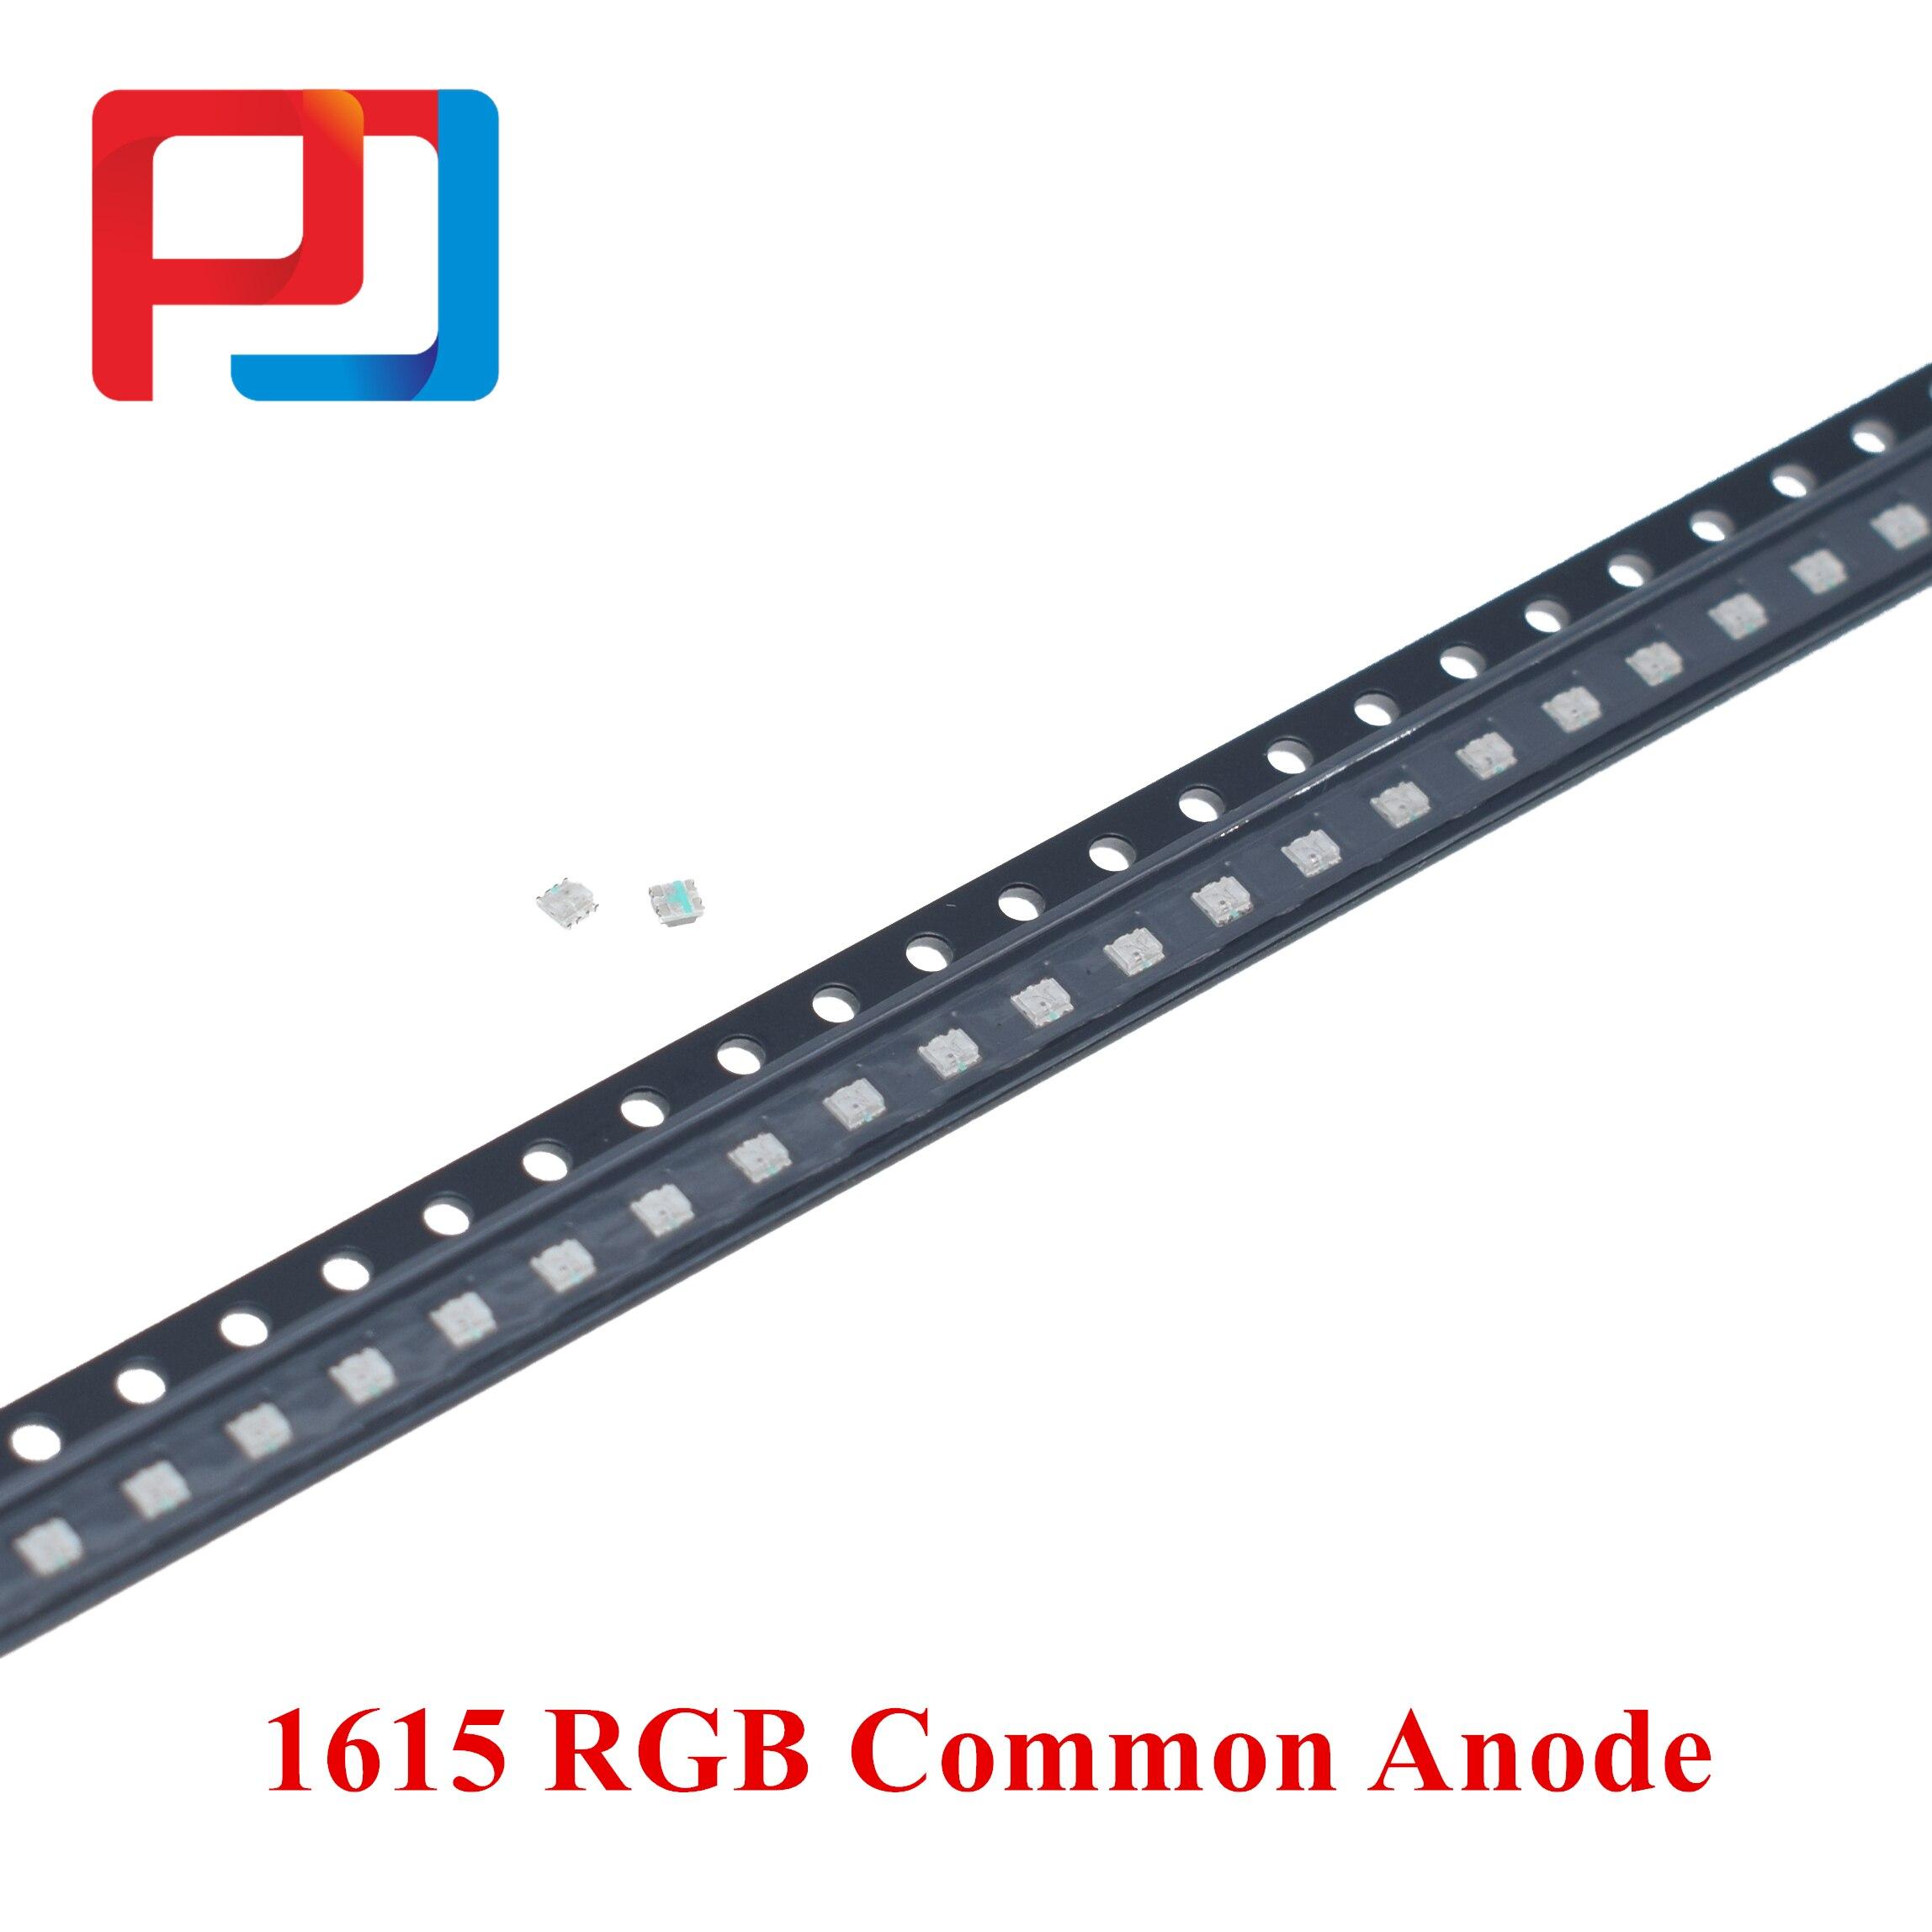 500 Uds./lote SMD 0603 0606 1615 1616 RGB a todo Color 0805 rojo/verde/azul Led de ánodo común XIASONGXIN luz 1,6*1,6*0,6mm diodo LED